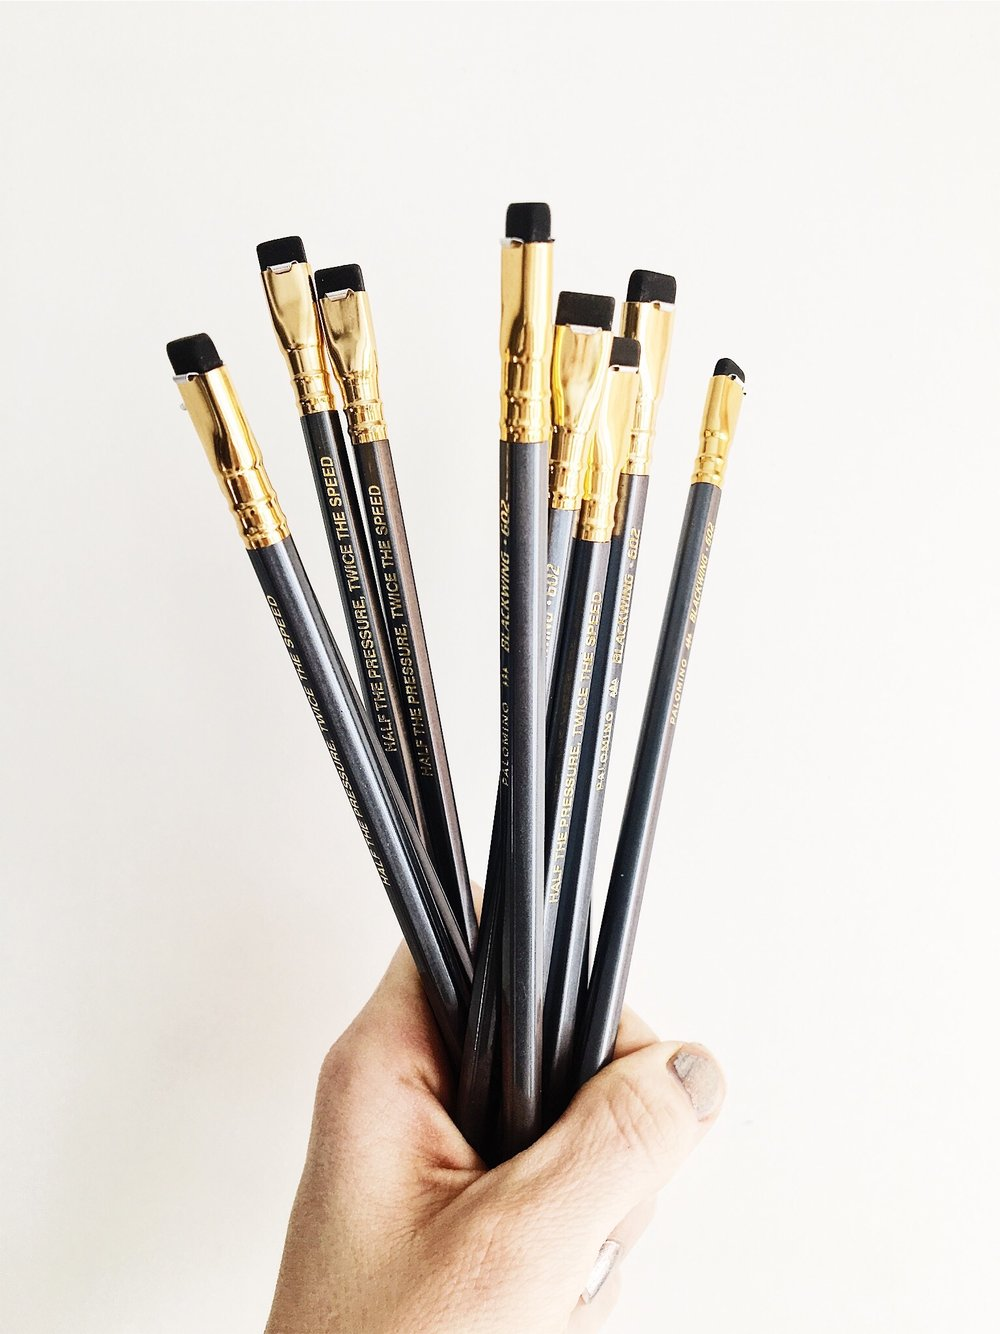 blackwing pencils - 1.jpg